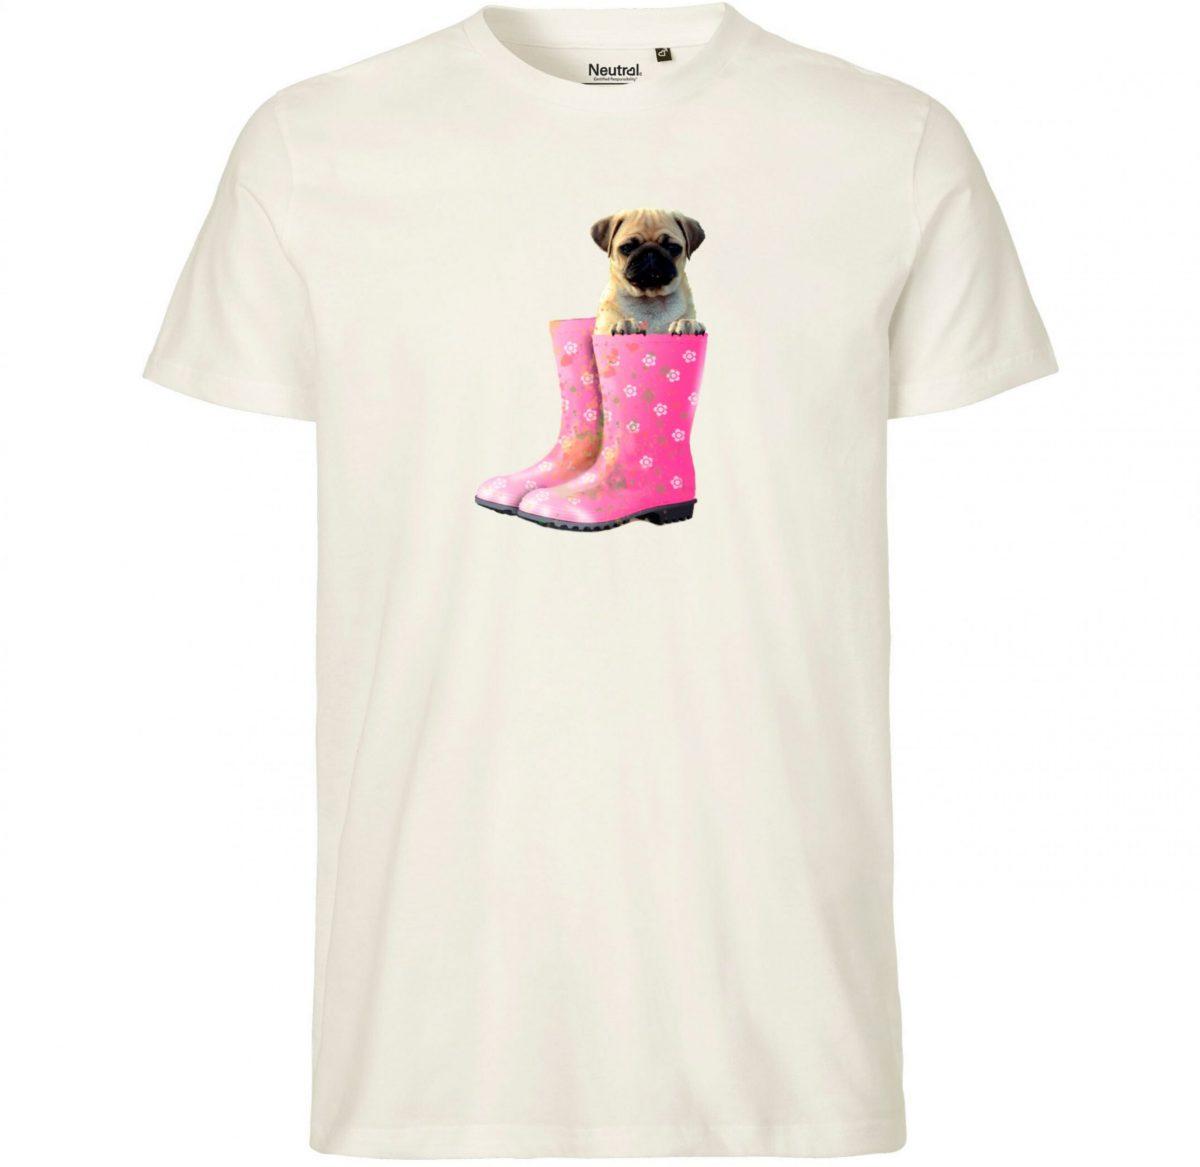 Tee-Shirt Enfant - Un Chien dans mes Bottes